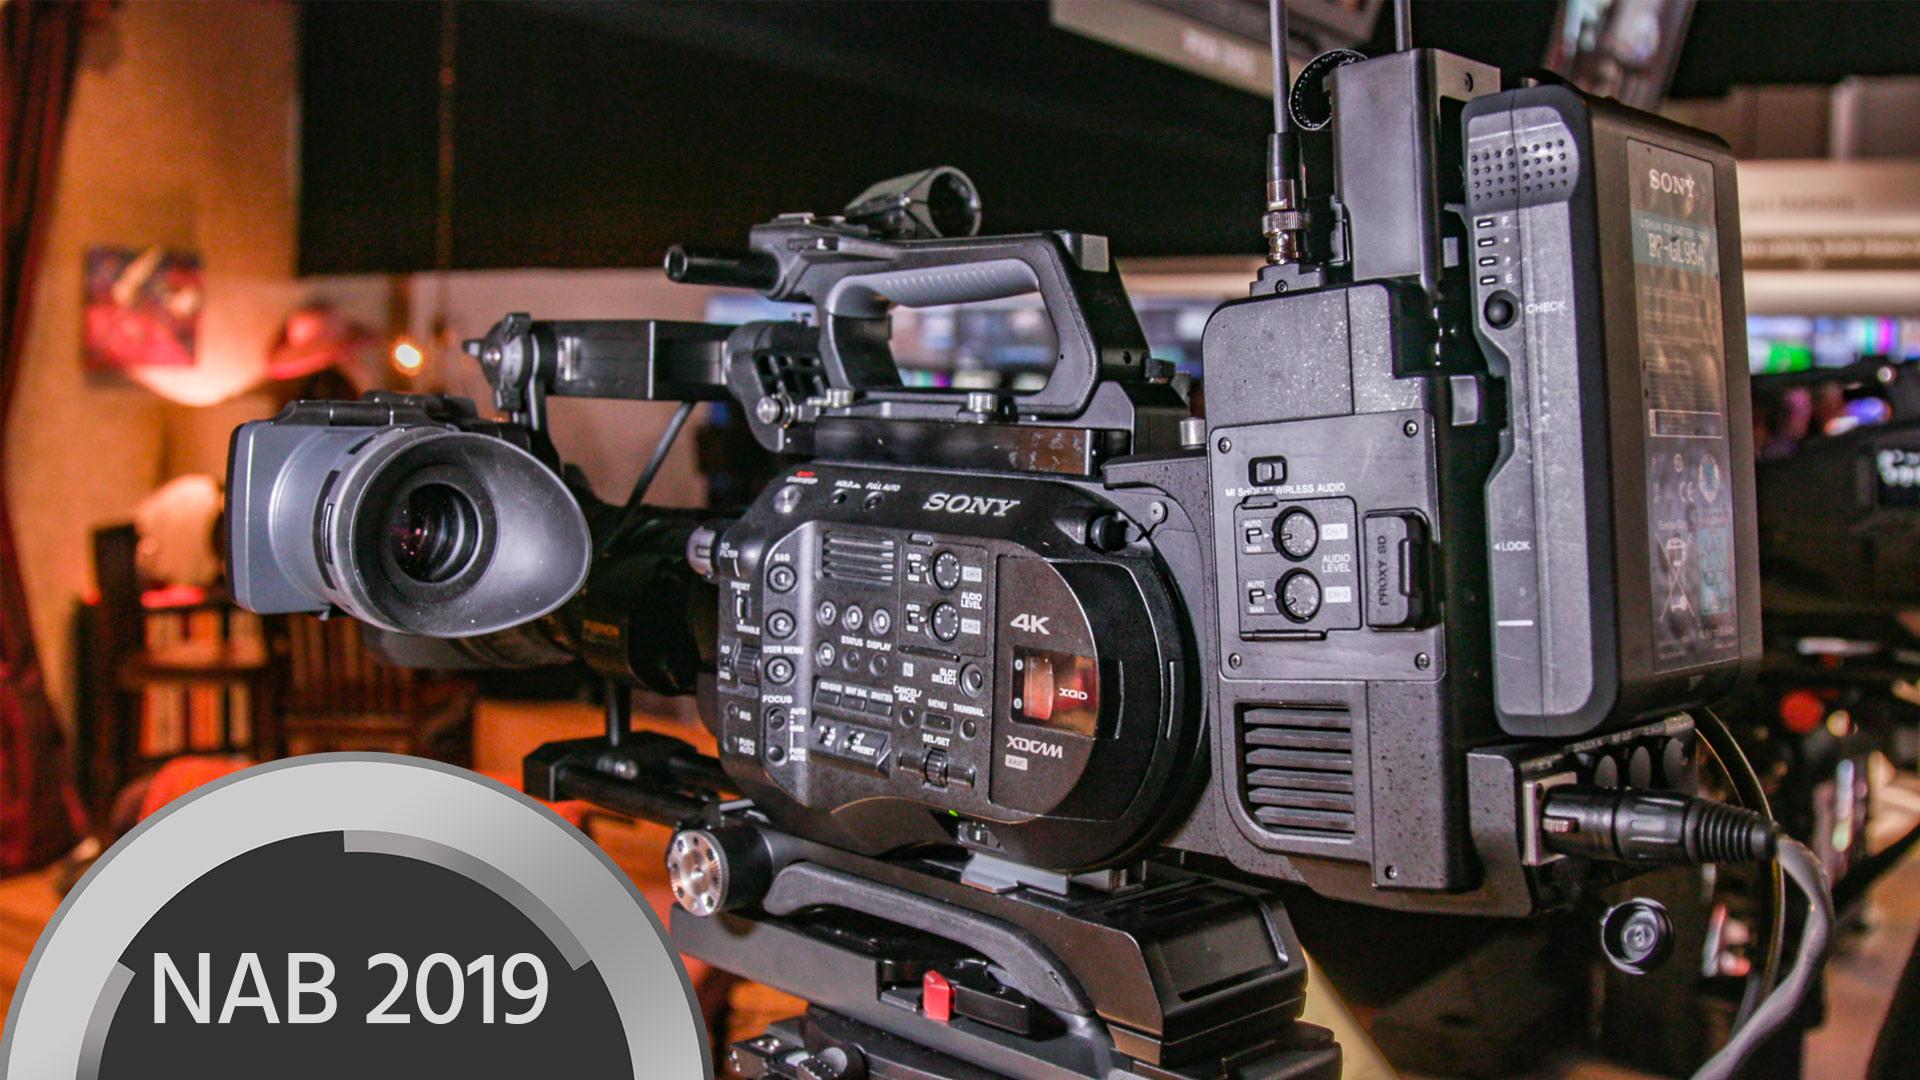 Kit de Armado Sony FS7 / FS7 II para producción de noticias